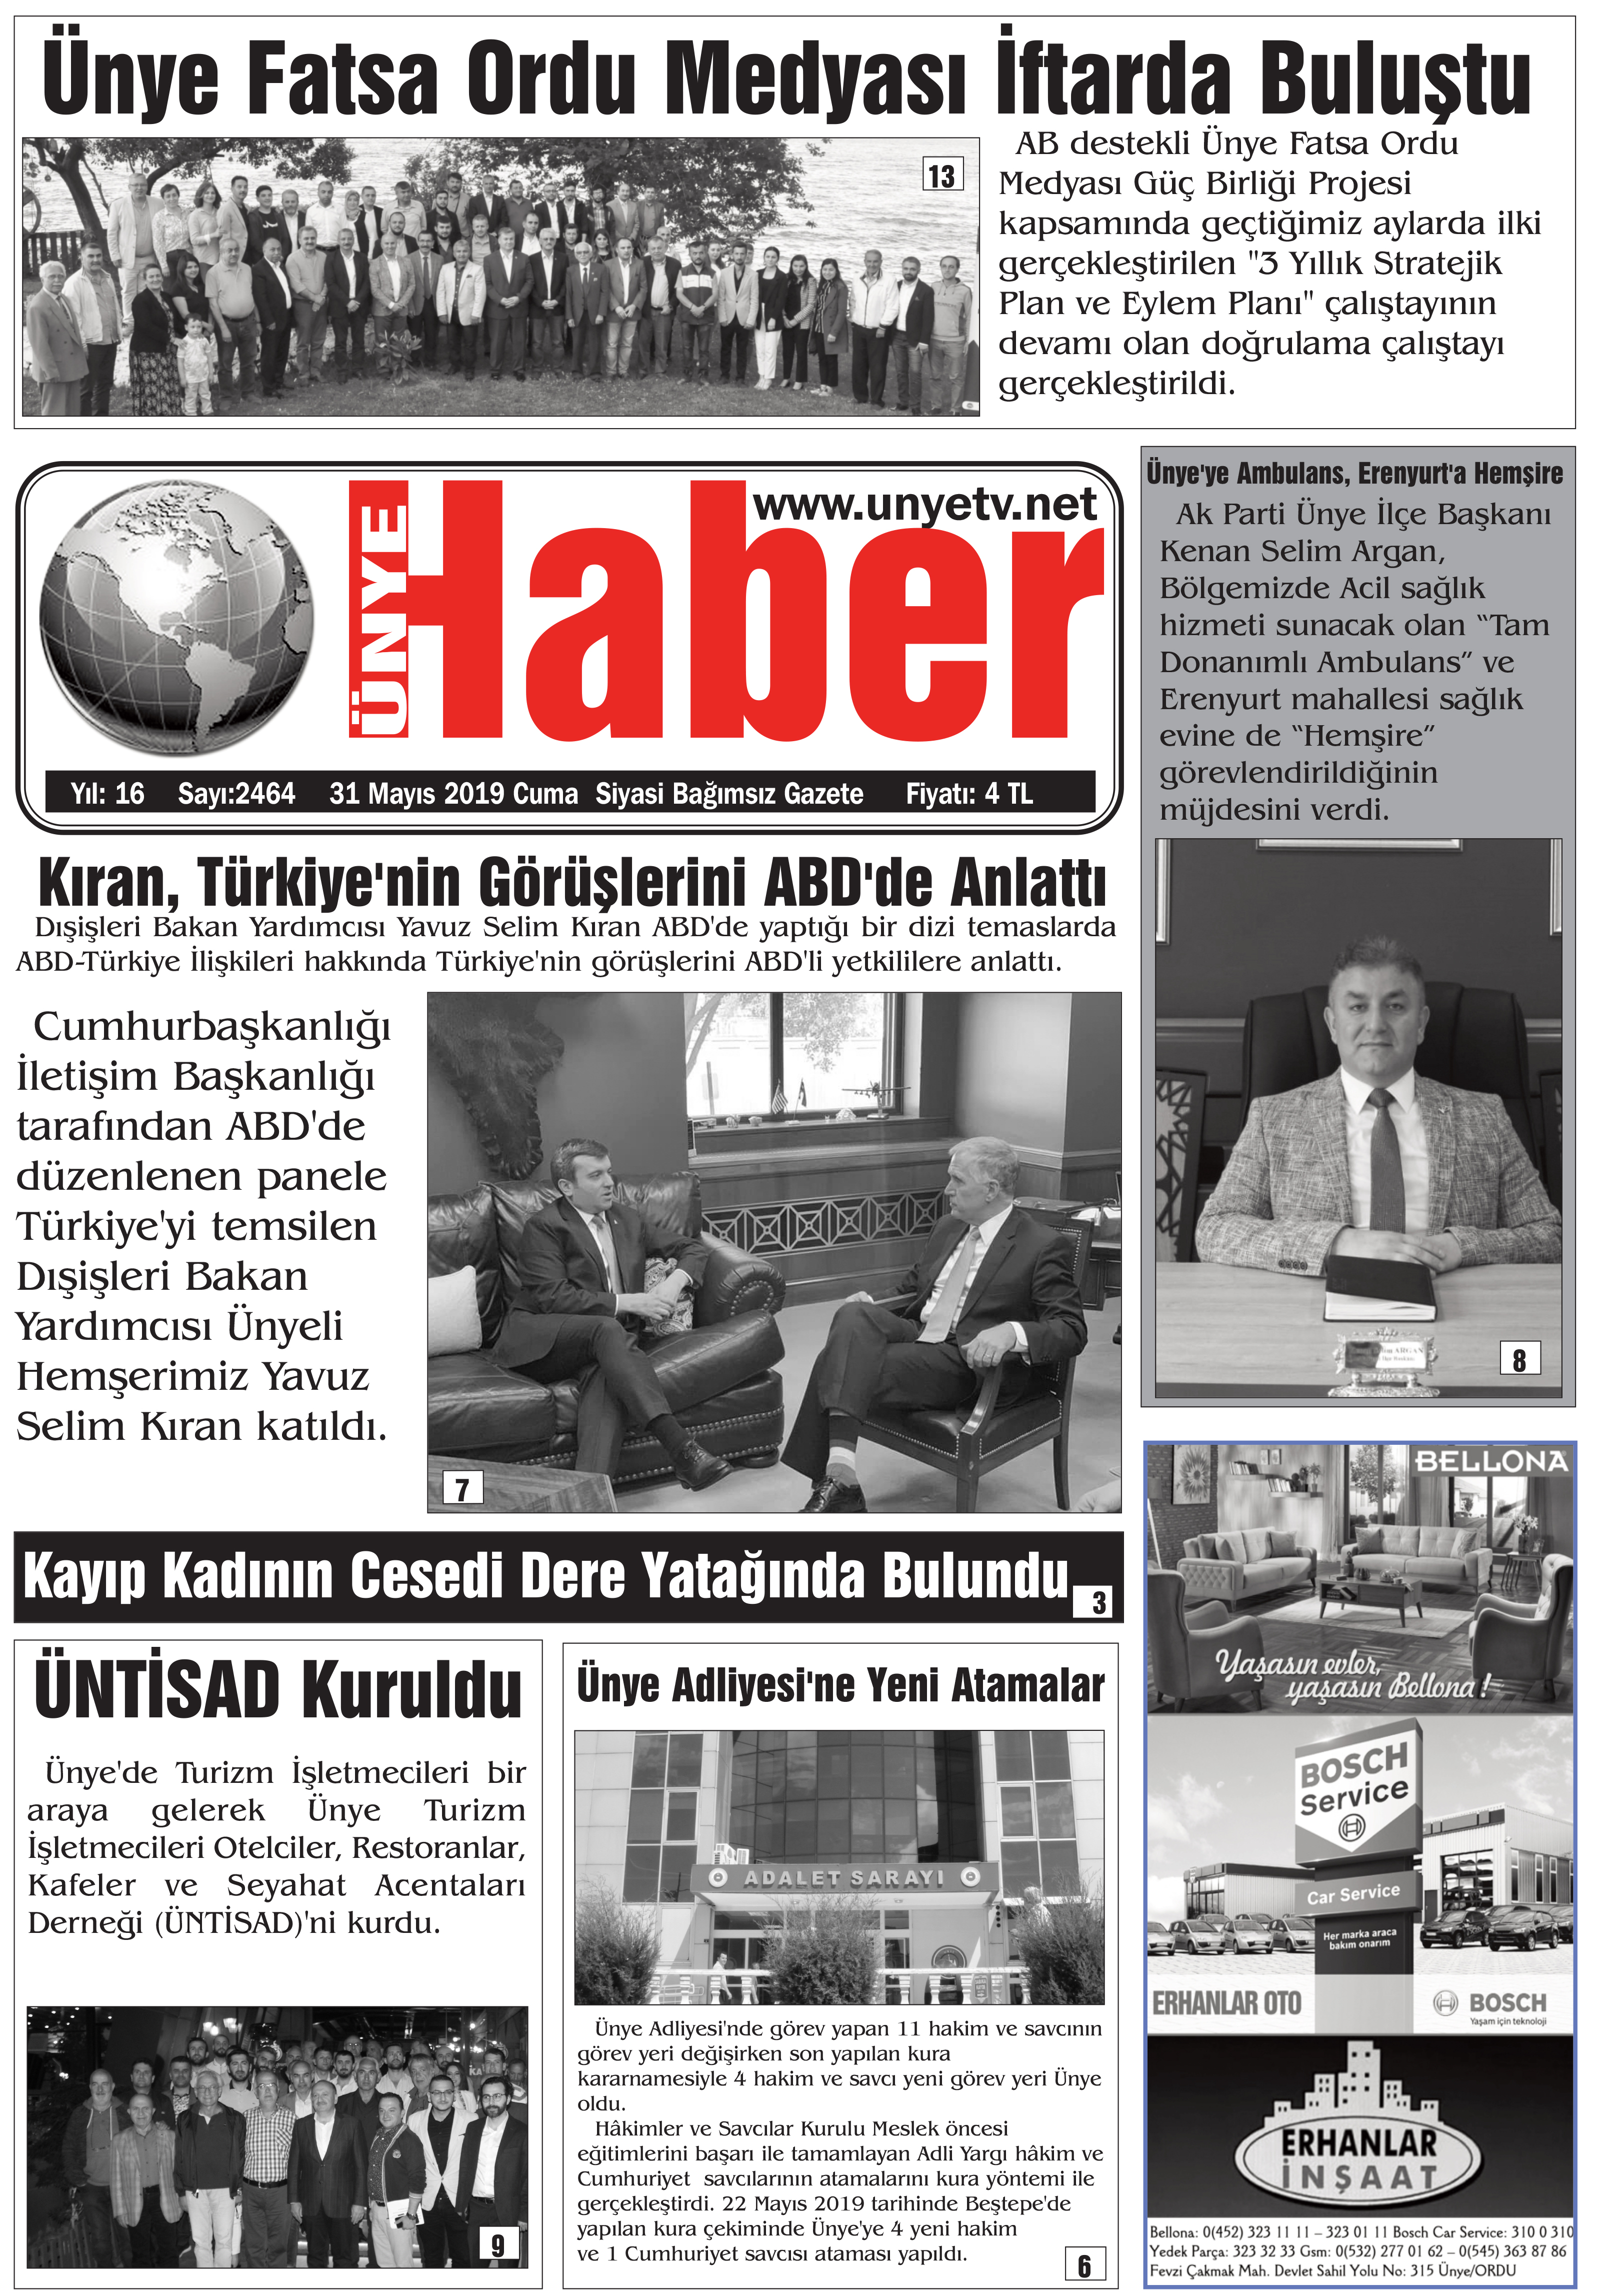 31 Mayıs 2019 Ünye Haber Gazetesi 1. Sayfası